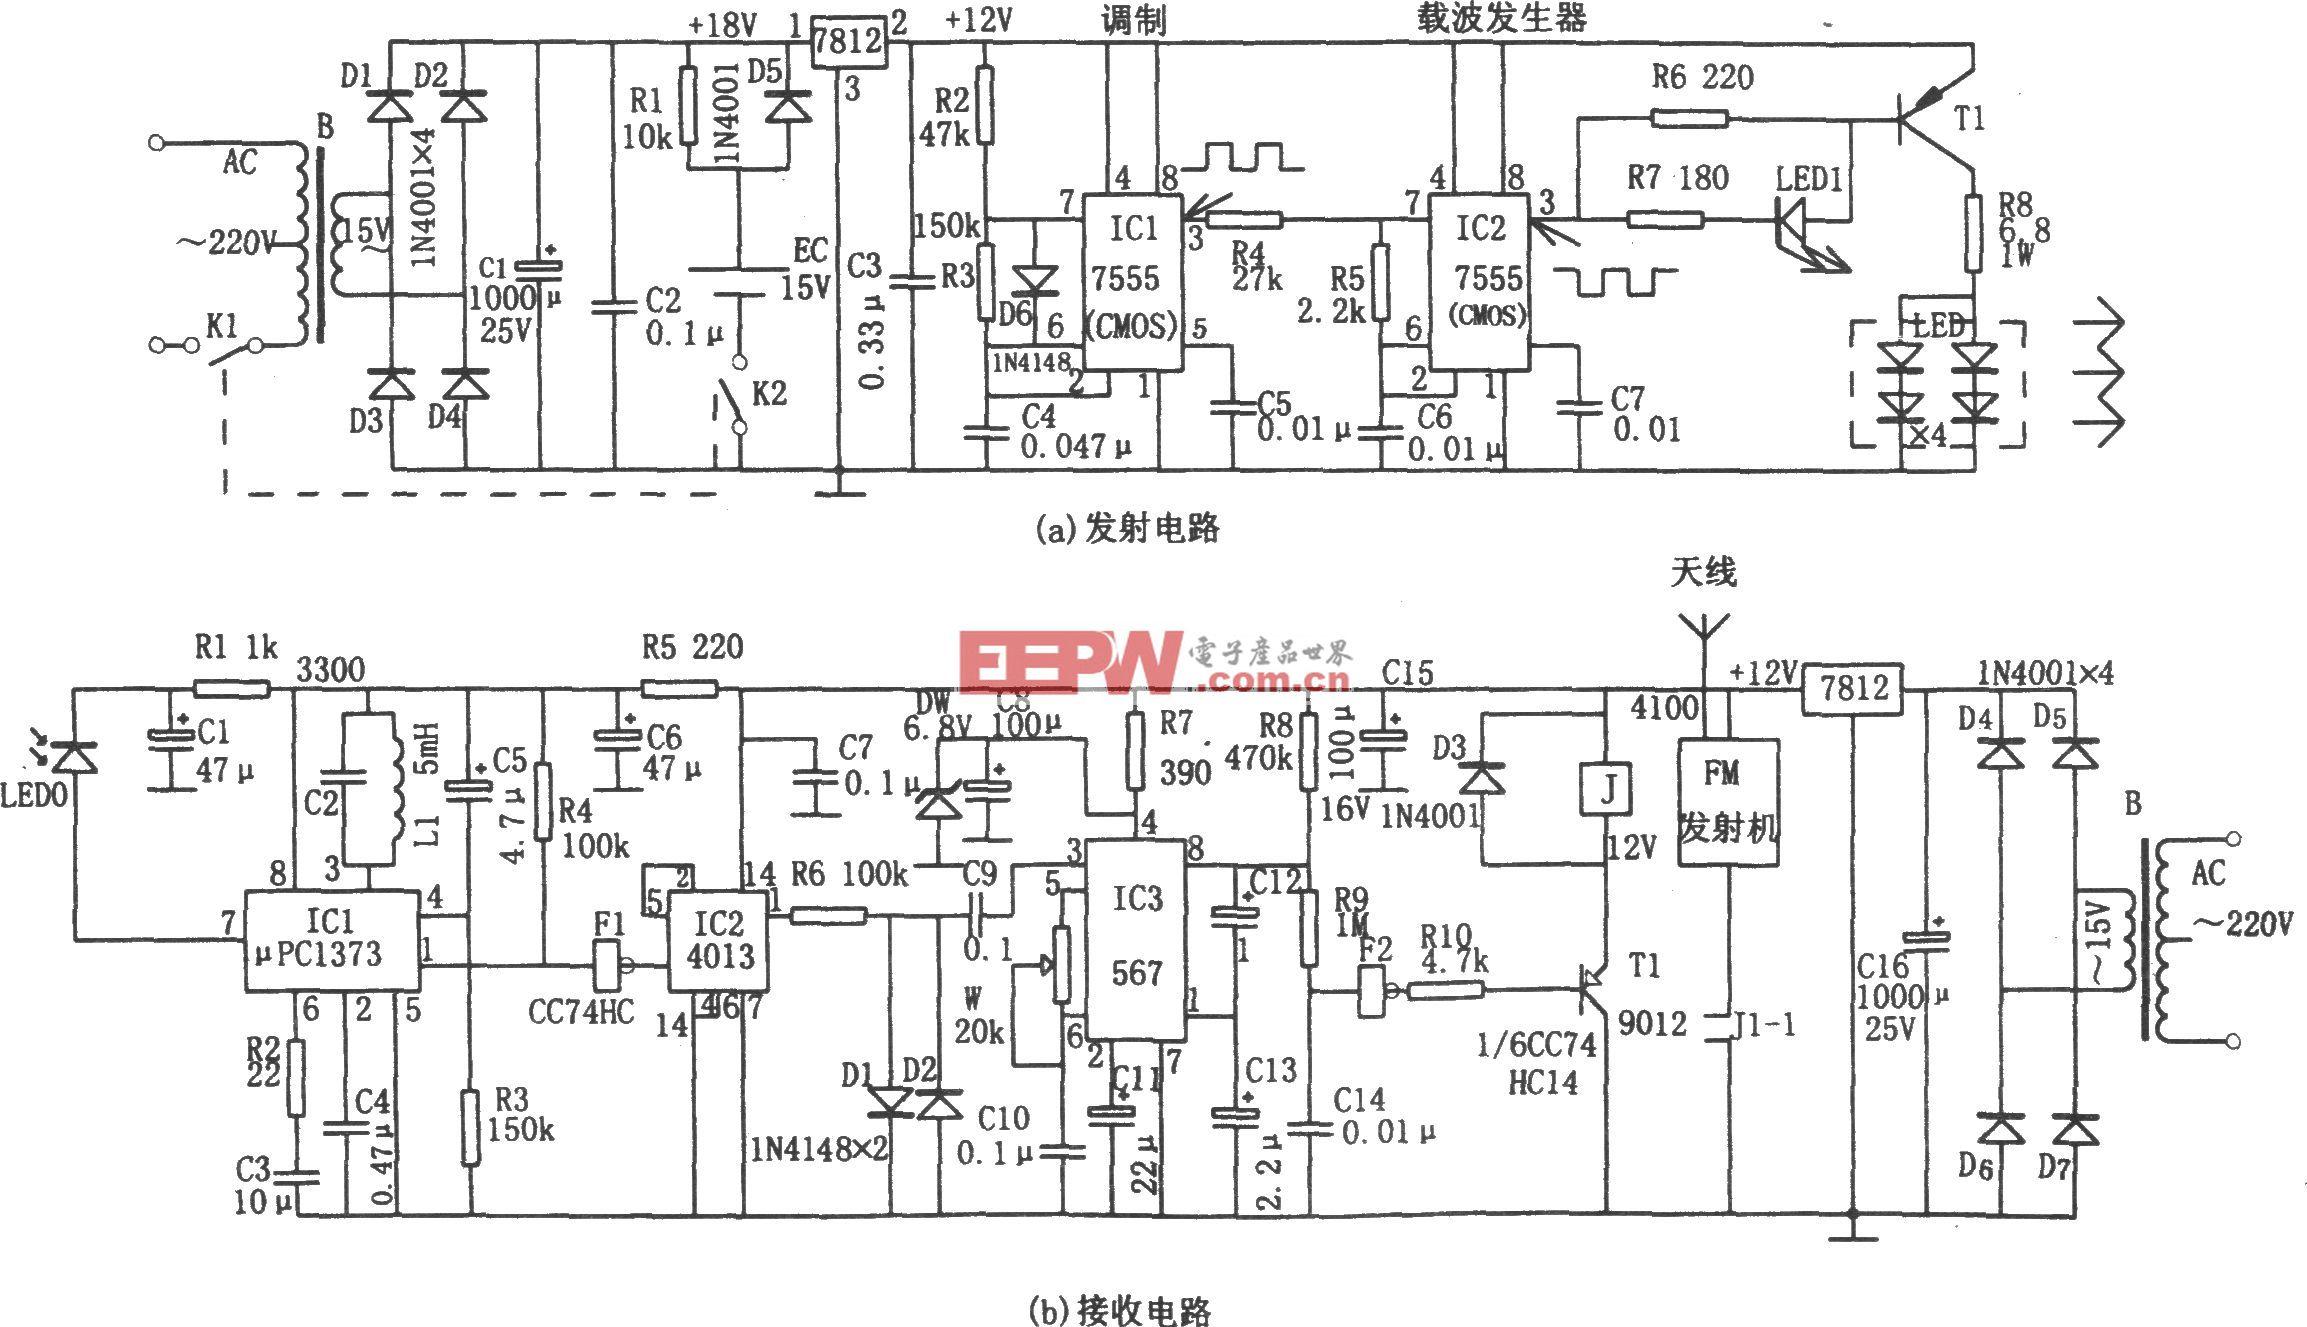 红外监控无线报警器(CD4013、μPC1373、555)